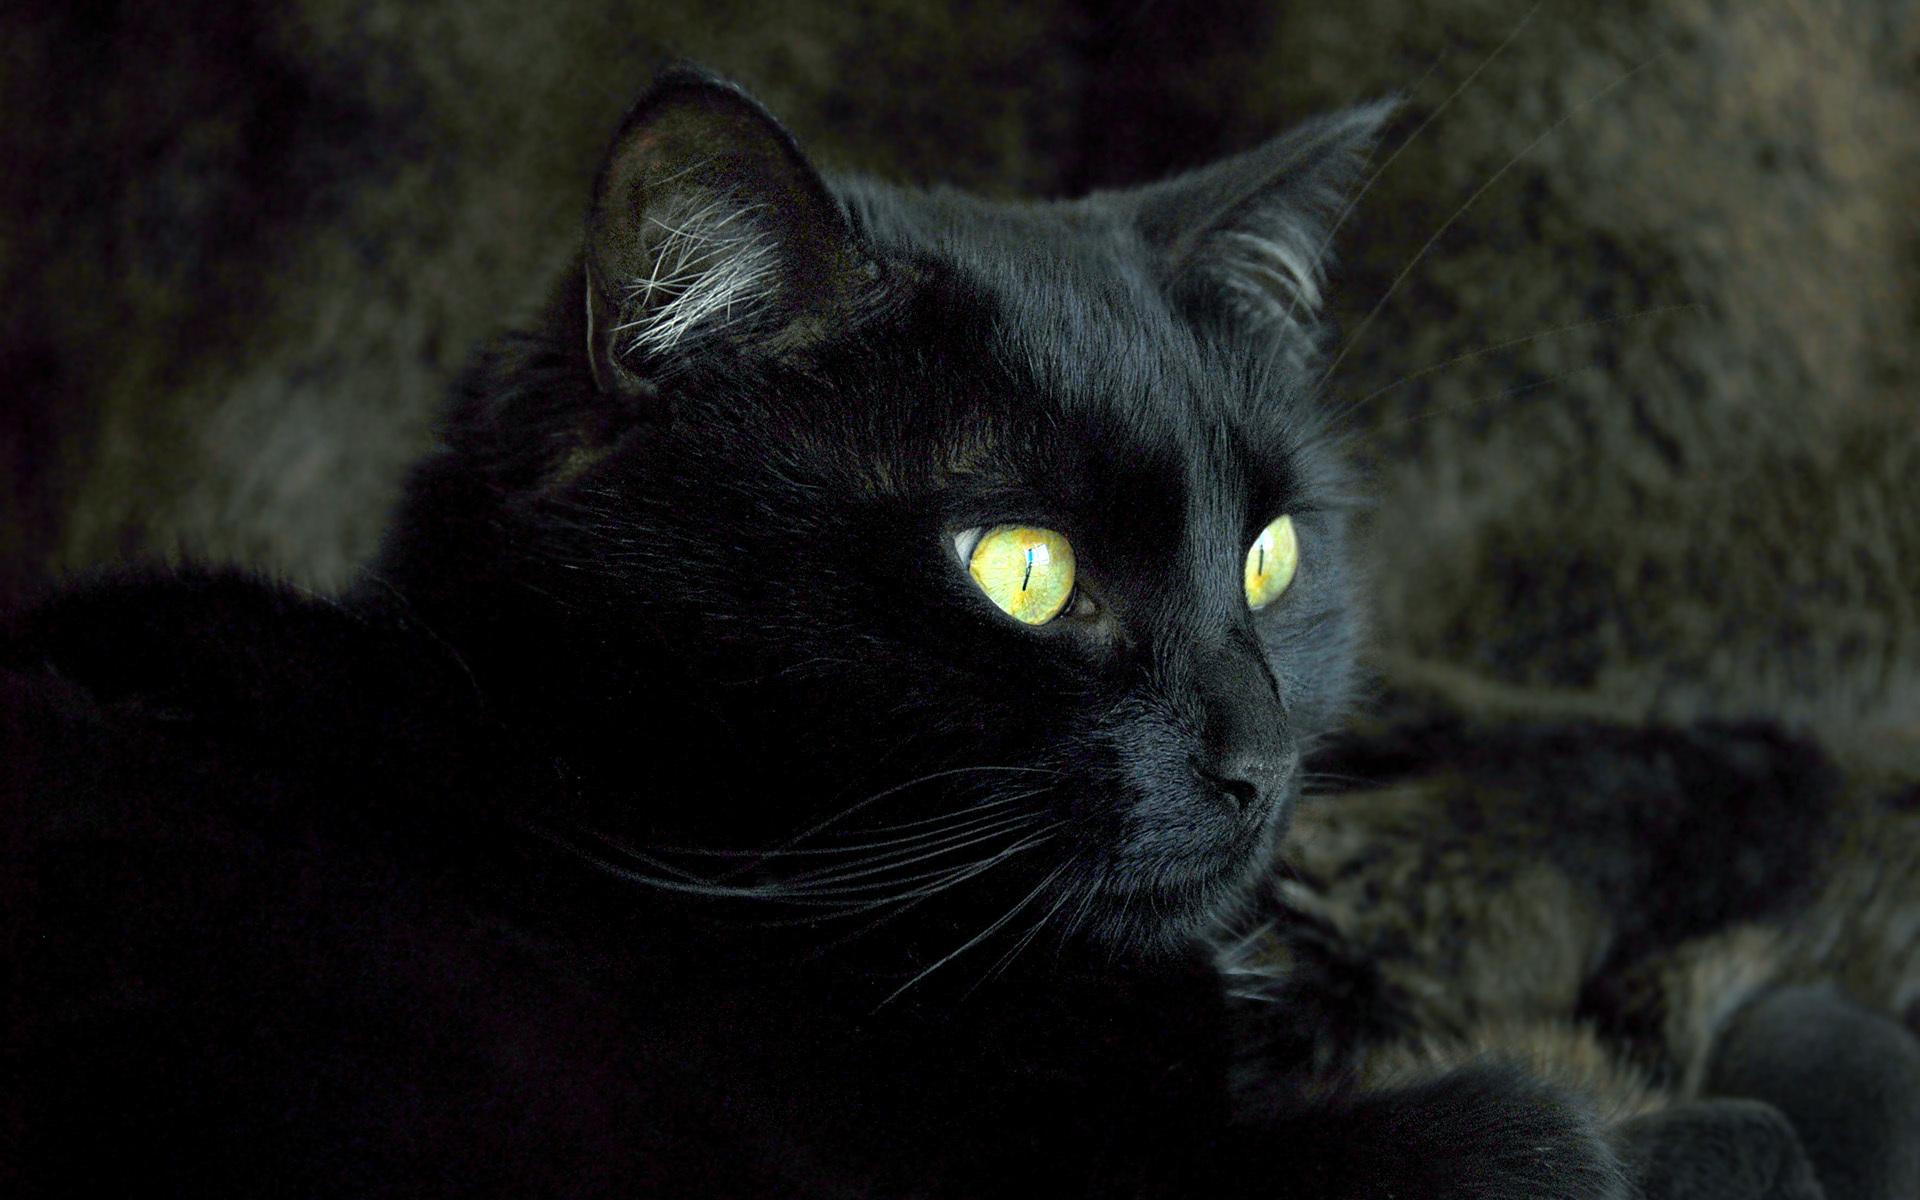 Картинка с кошкой черной